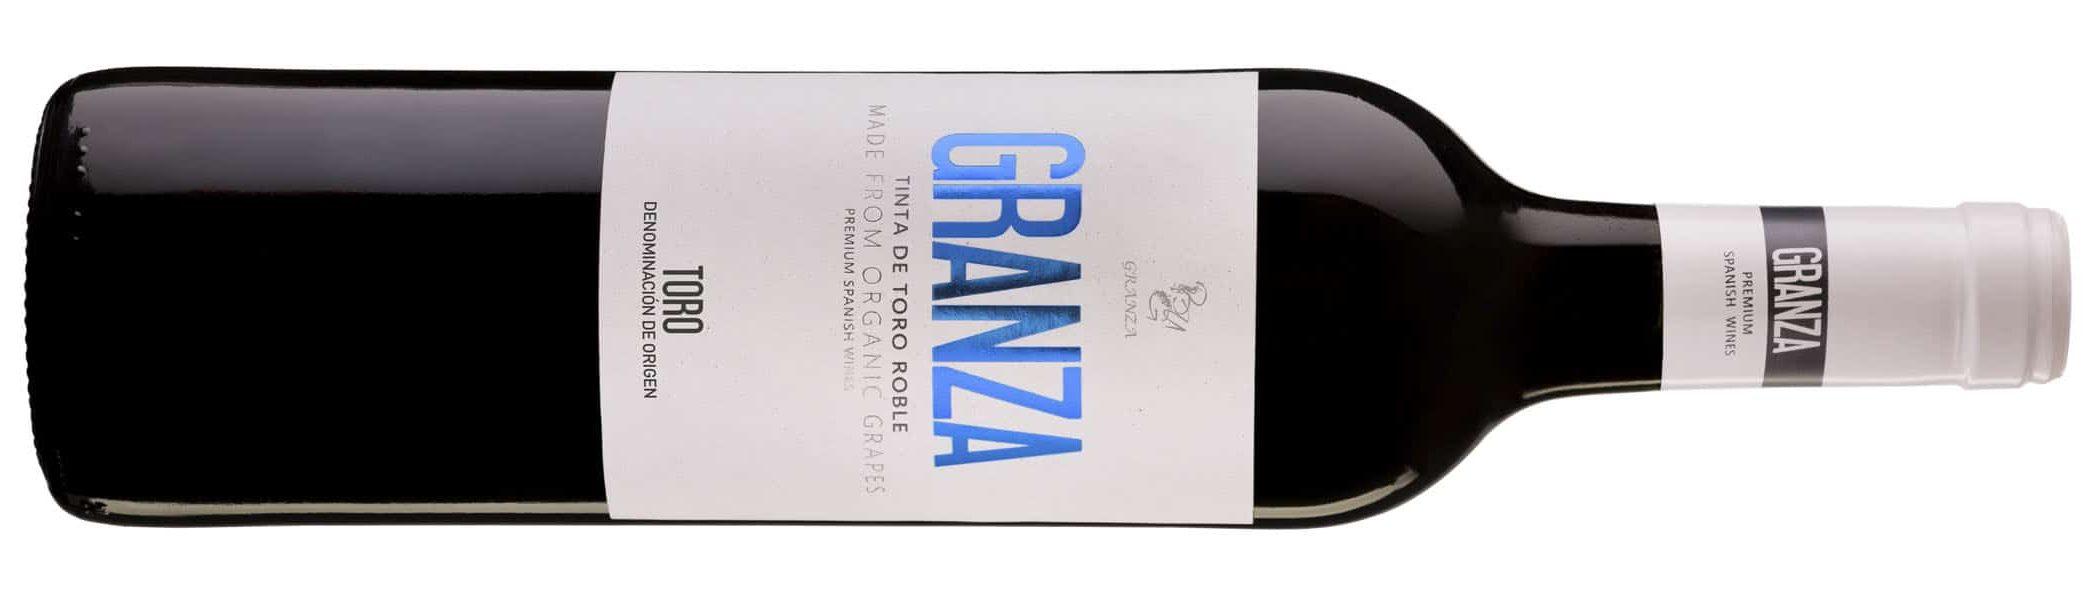 2016 Granza Tinta de Toro Best Organic Wines